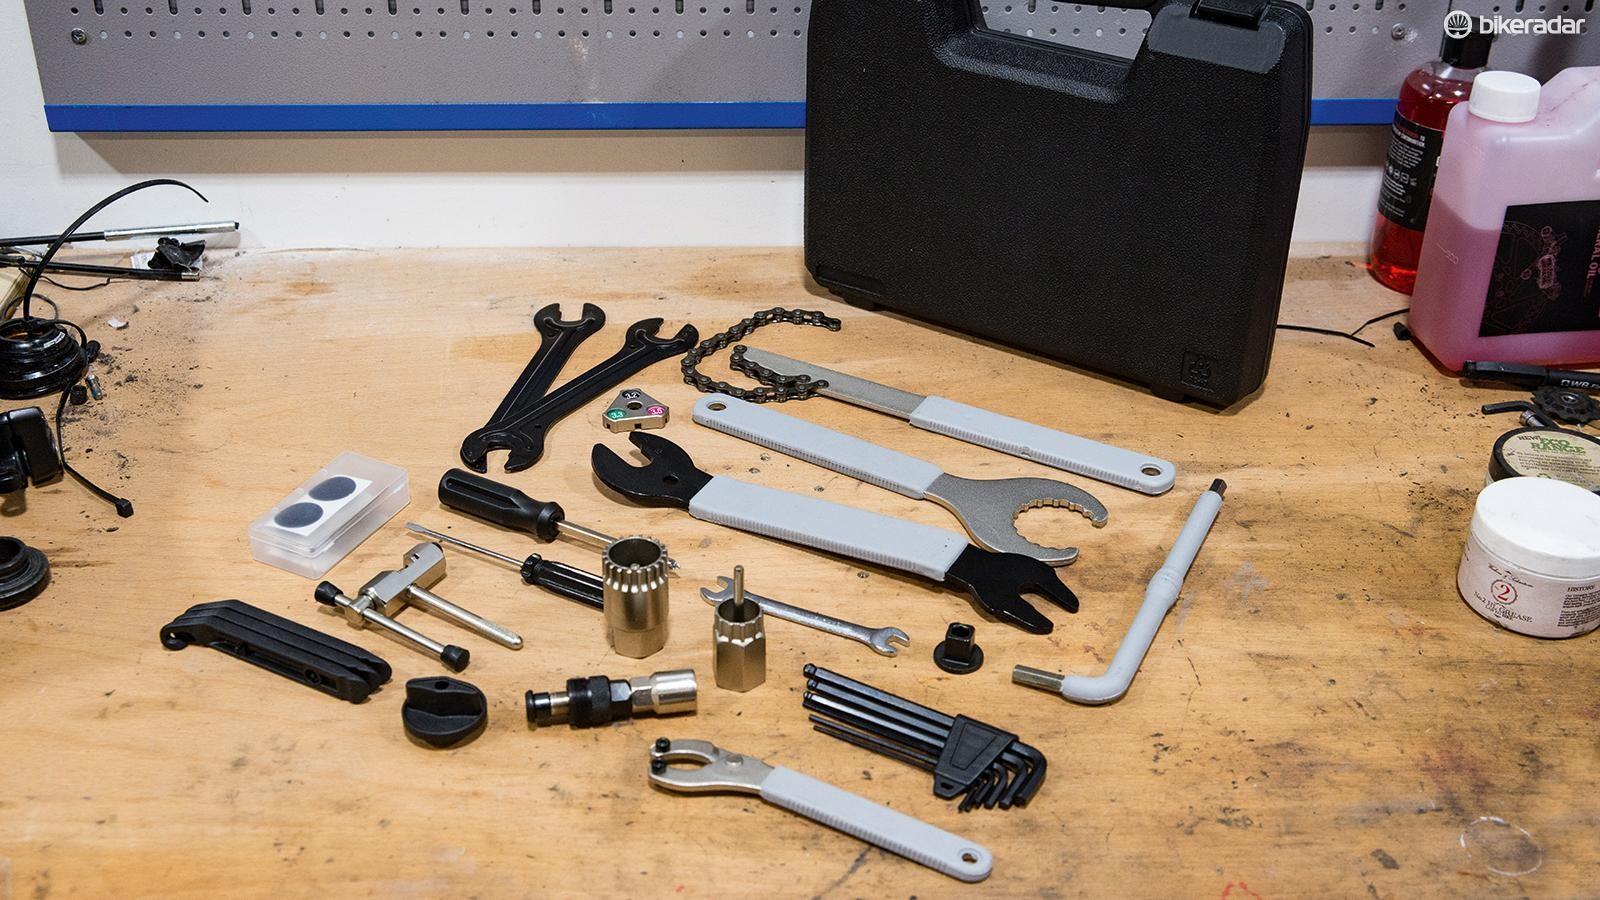 best-of-basic-tool-kit-03-1533031324867-5gxjrq54en3c-436a605